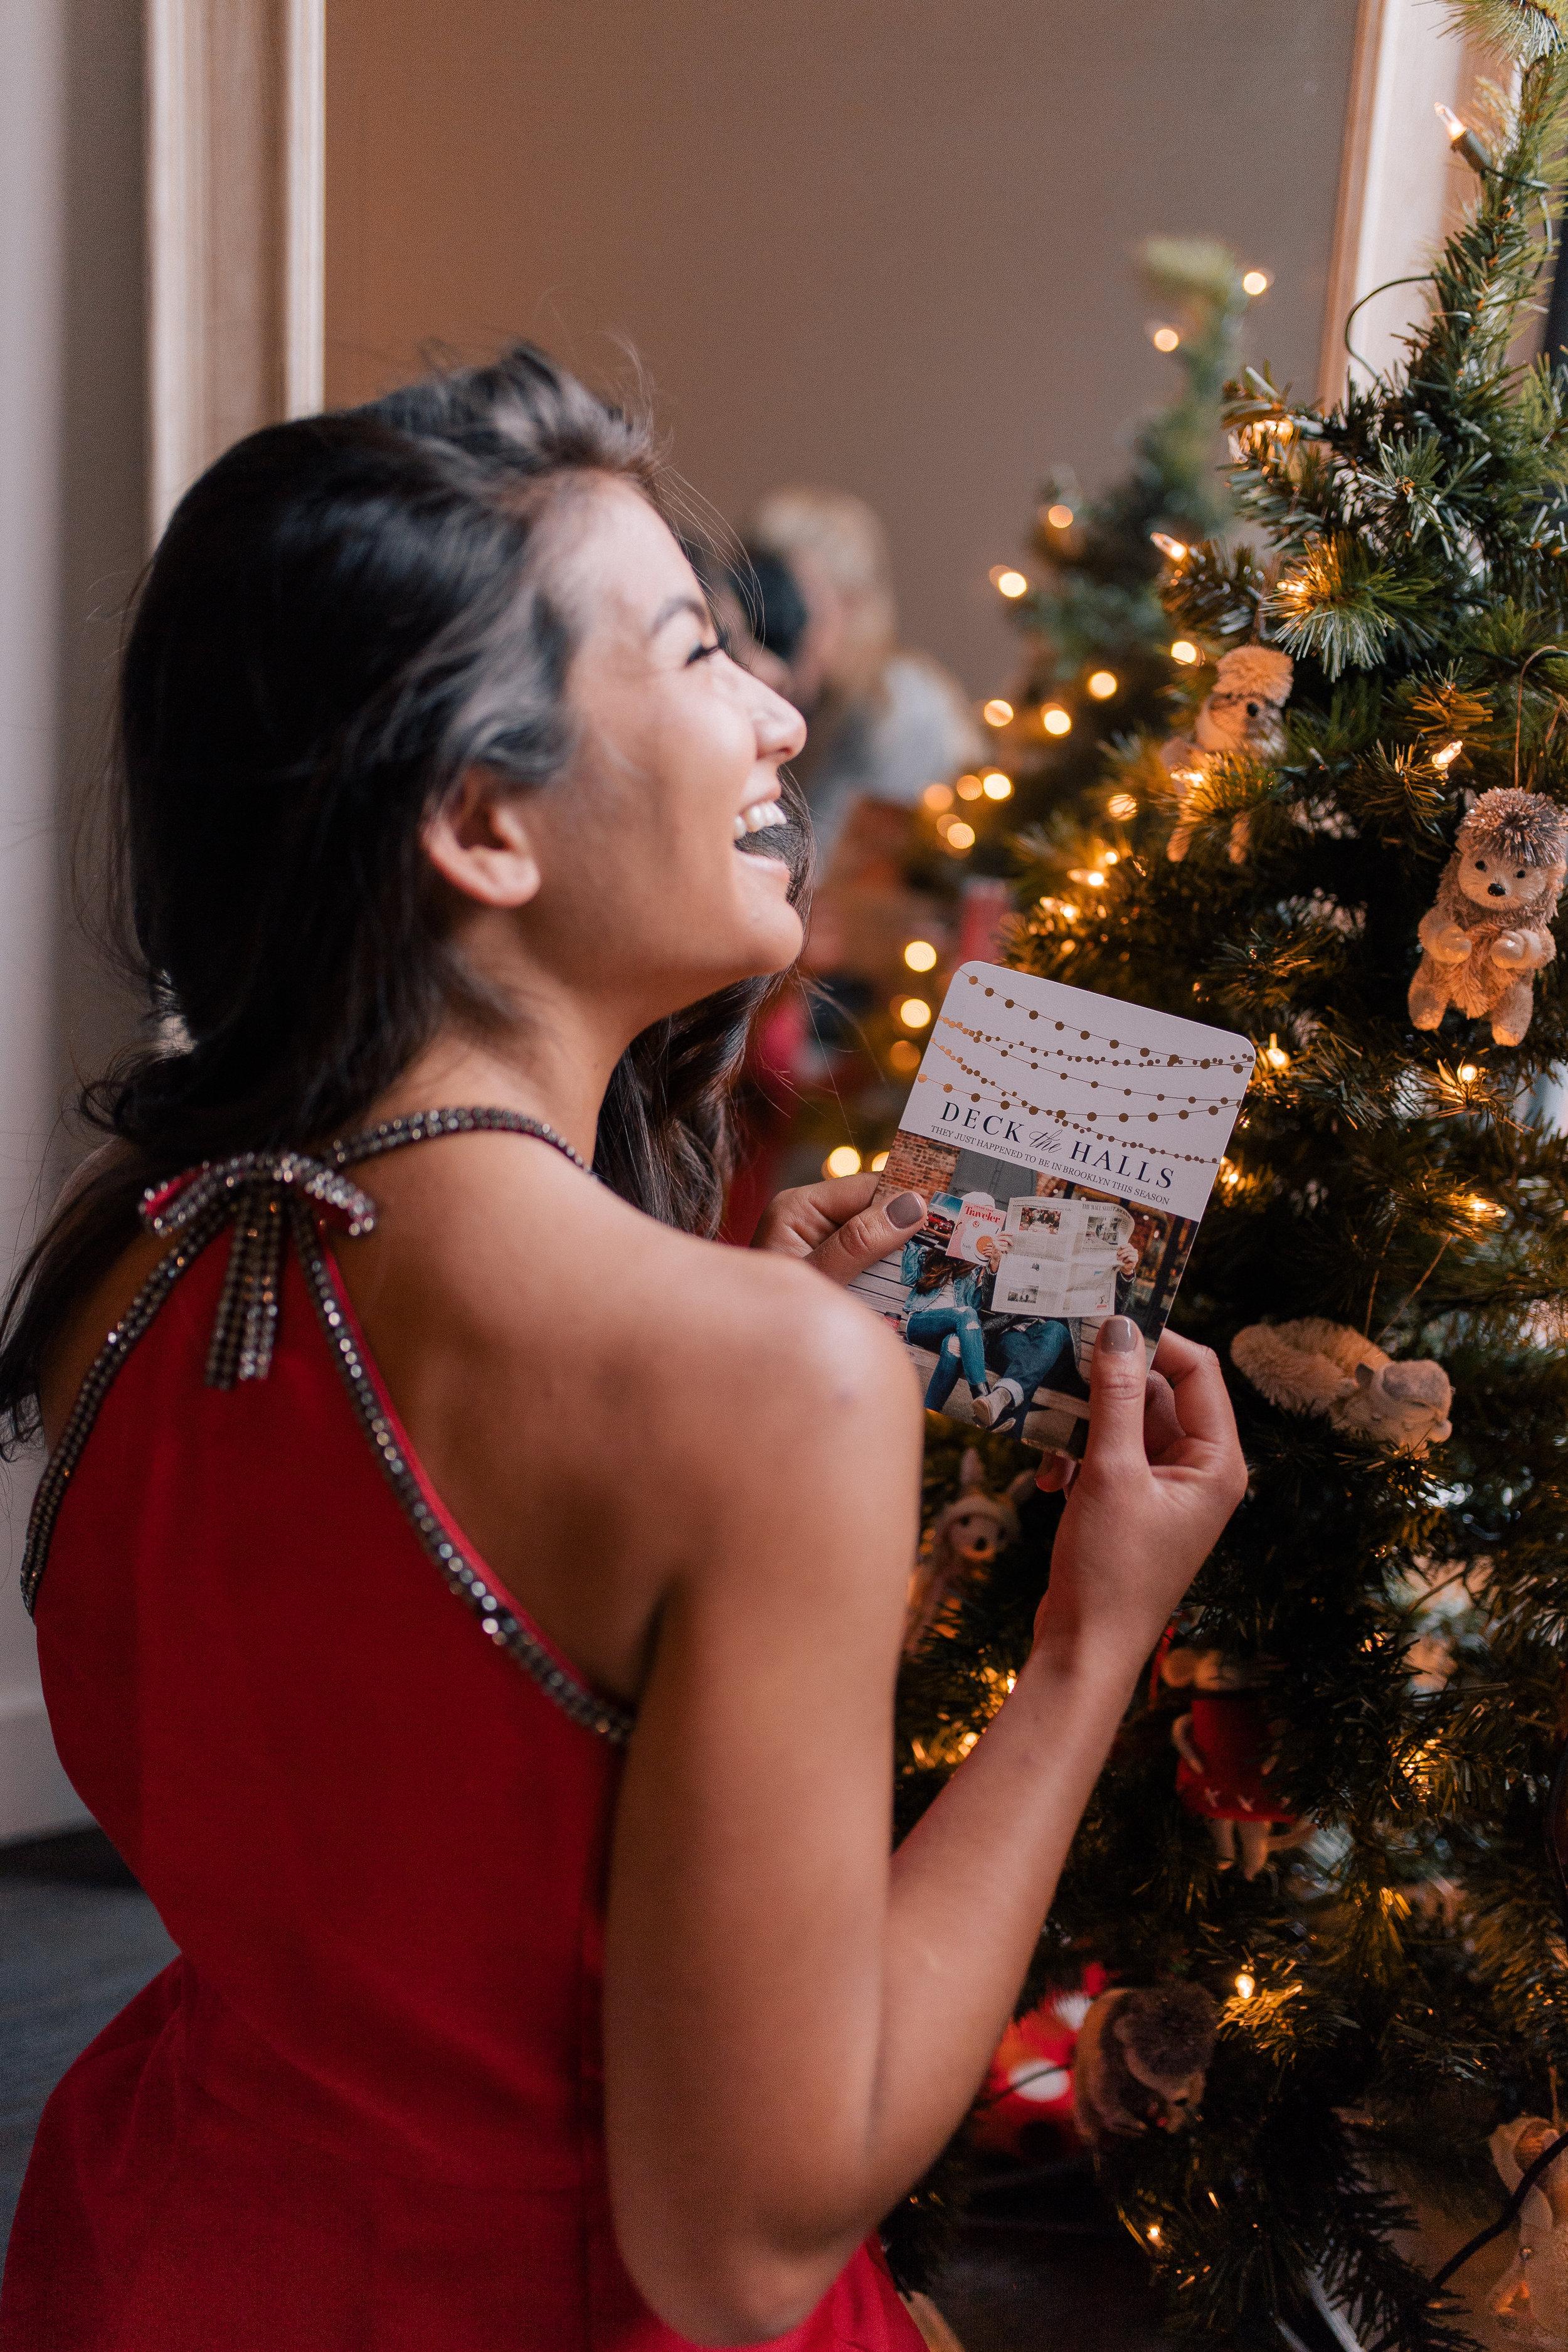 The+Bachelor+Caila+Quinn+New+York+City+Mixbook+Christmas+Card+with+Boyfriend.jpg